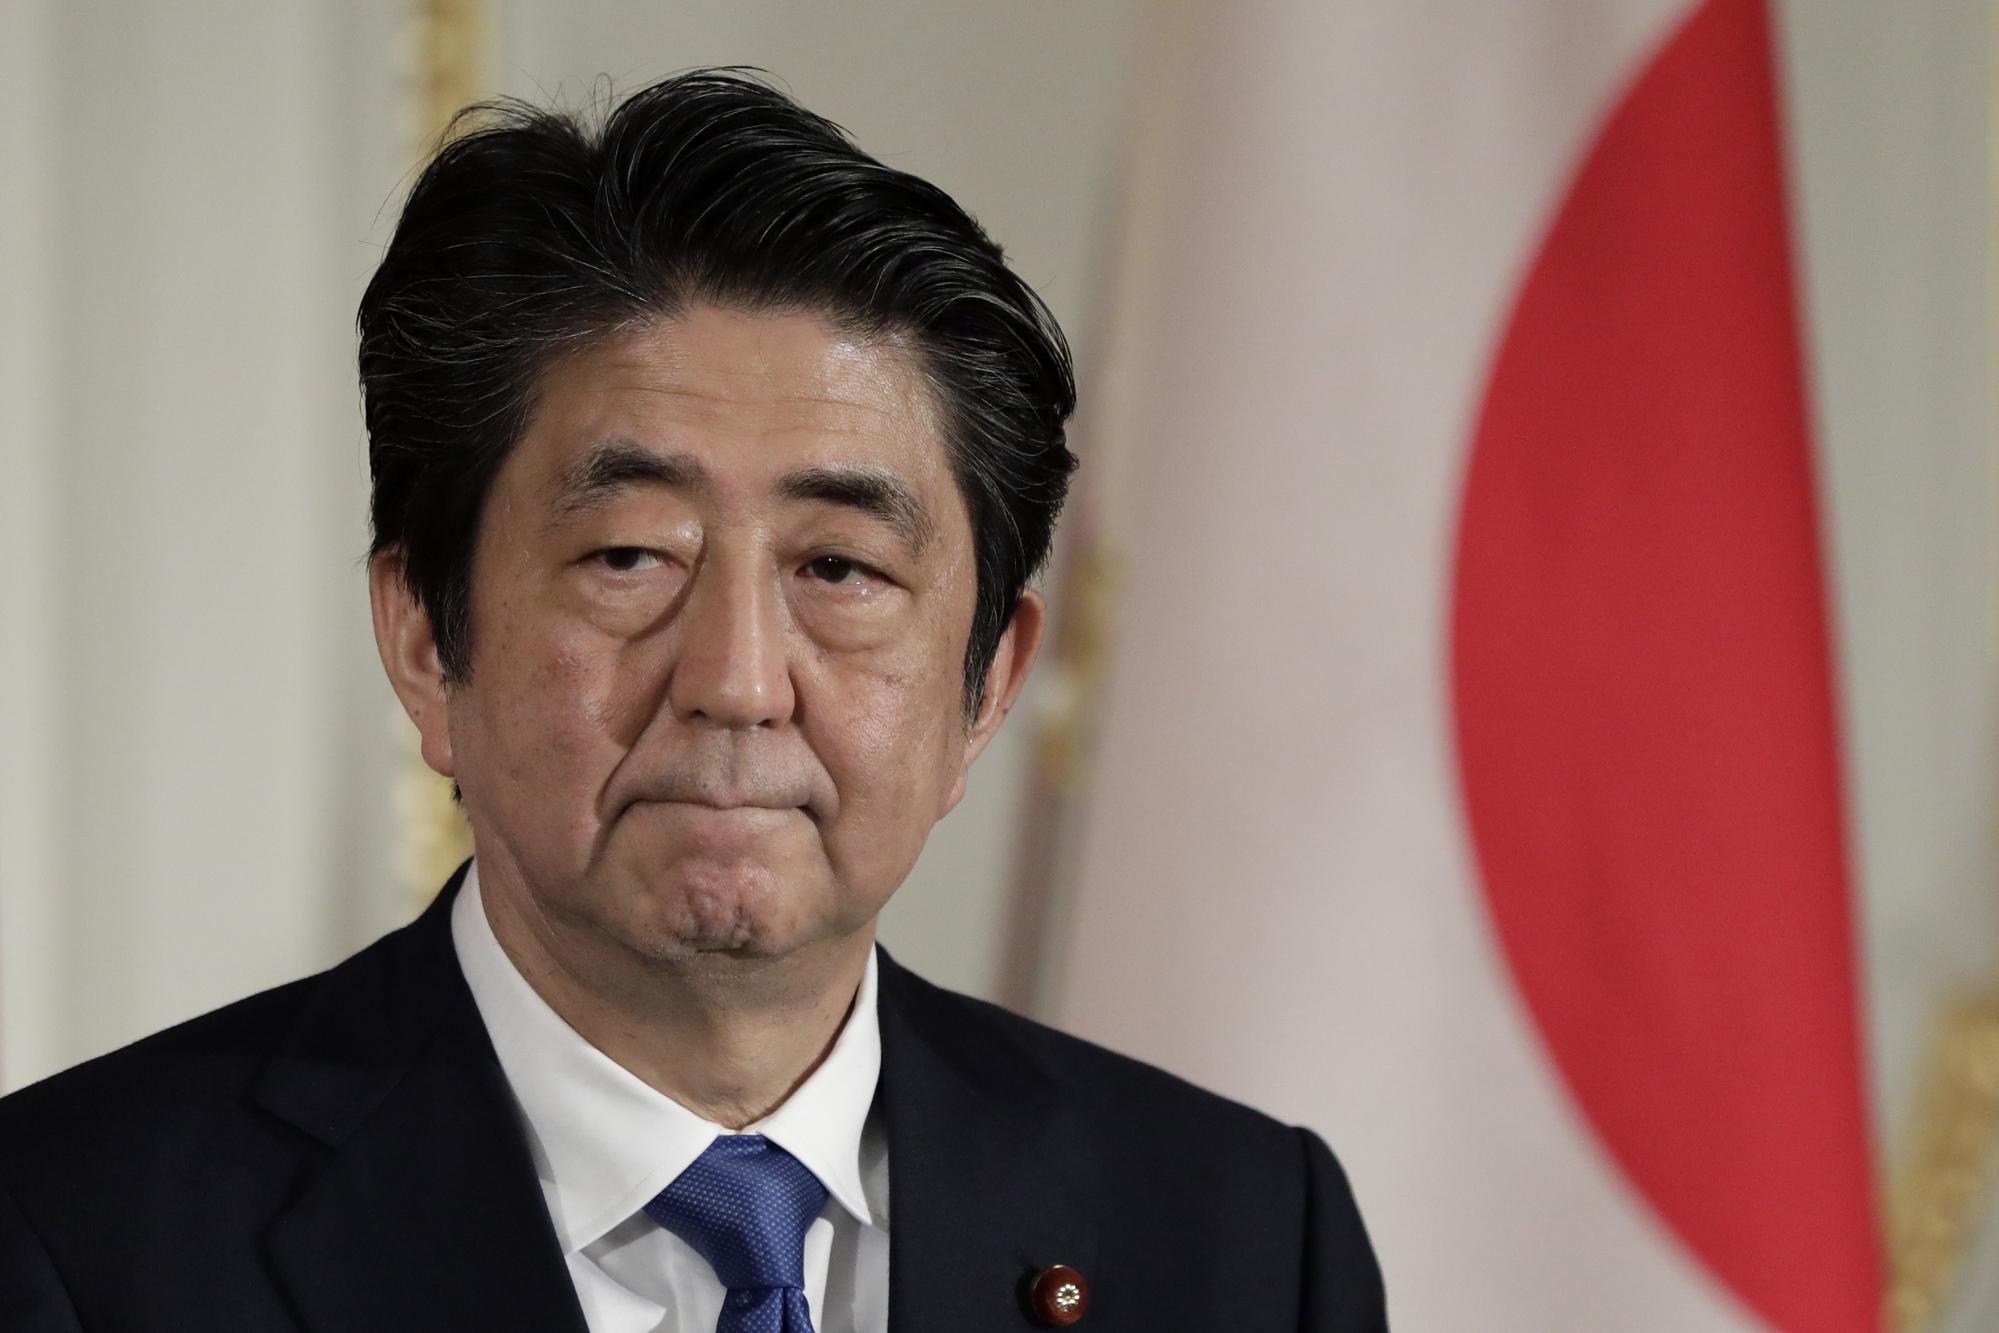 米朝首脳会談で日本が恐れるトランプ氏の「甘い対応」